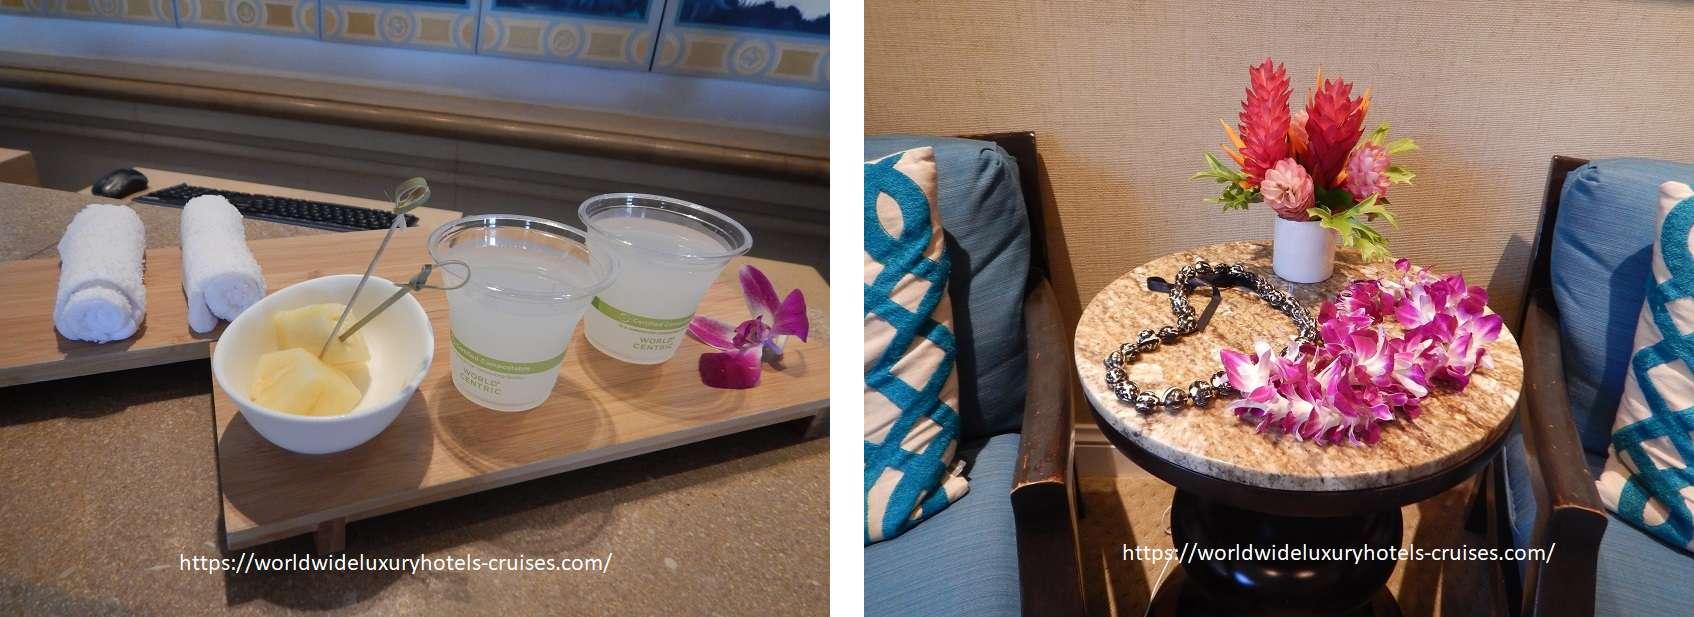 フォーシーズンズリゾートマウイアットワイレア フォーシーズンズマウイ マウイ島 ハワイ フォーシーズンズリゾート プレミアオーシャンビュースィート フォーシーズンズプリファードパートナー Izumiogawa ラグジュアリートラベルアドバイザー ラグジュアリートラベル 高級ホテル ラグジュアリーホテル予約 個人旅行  ハワイ旅行